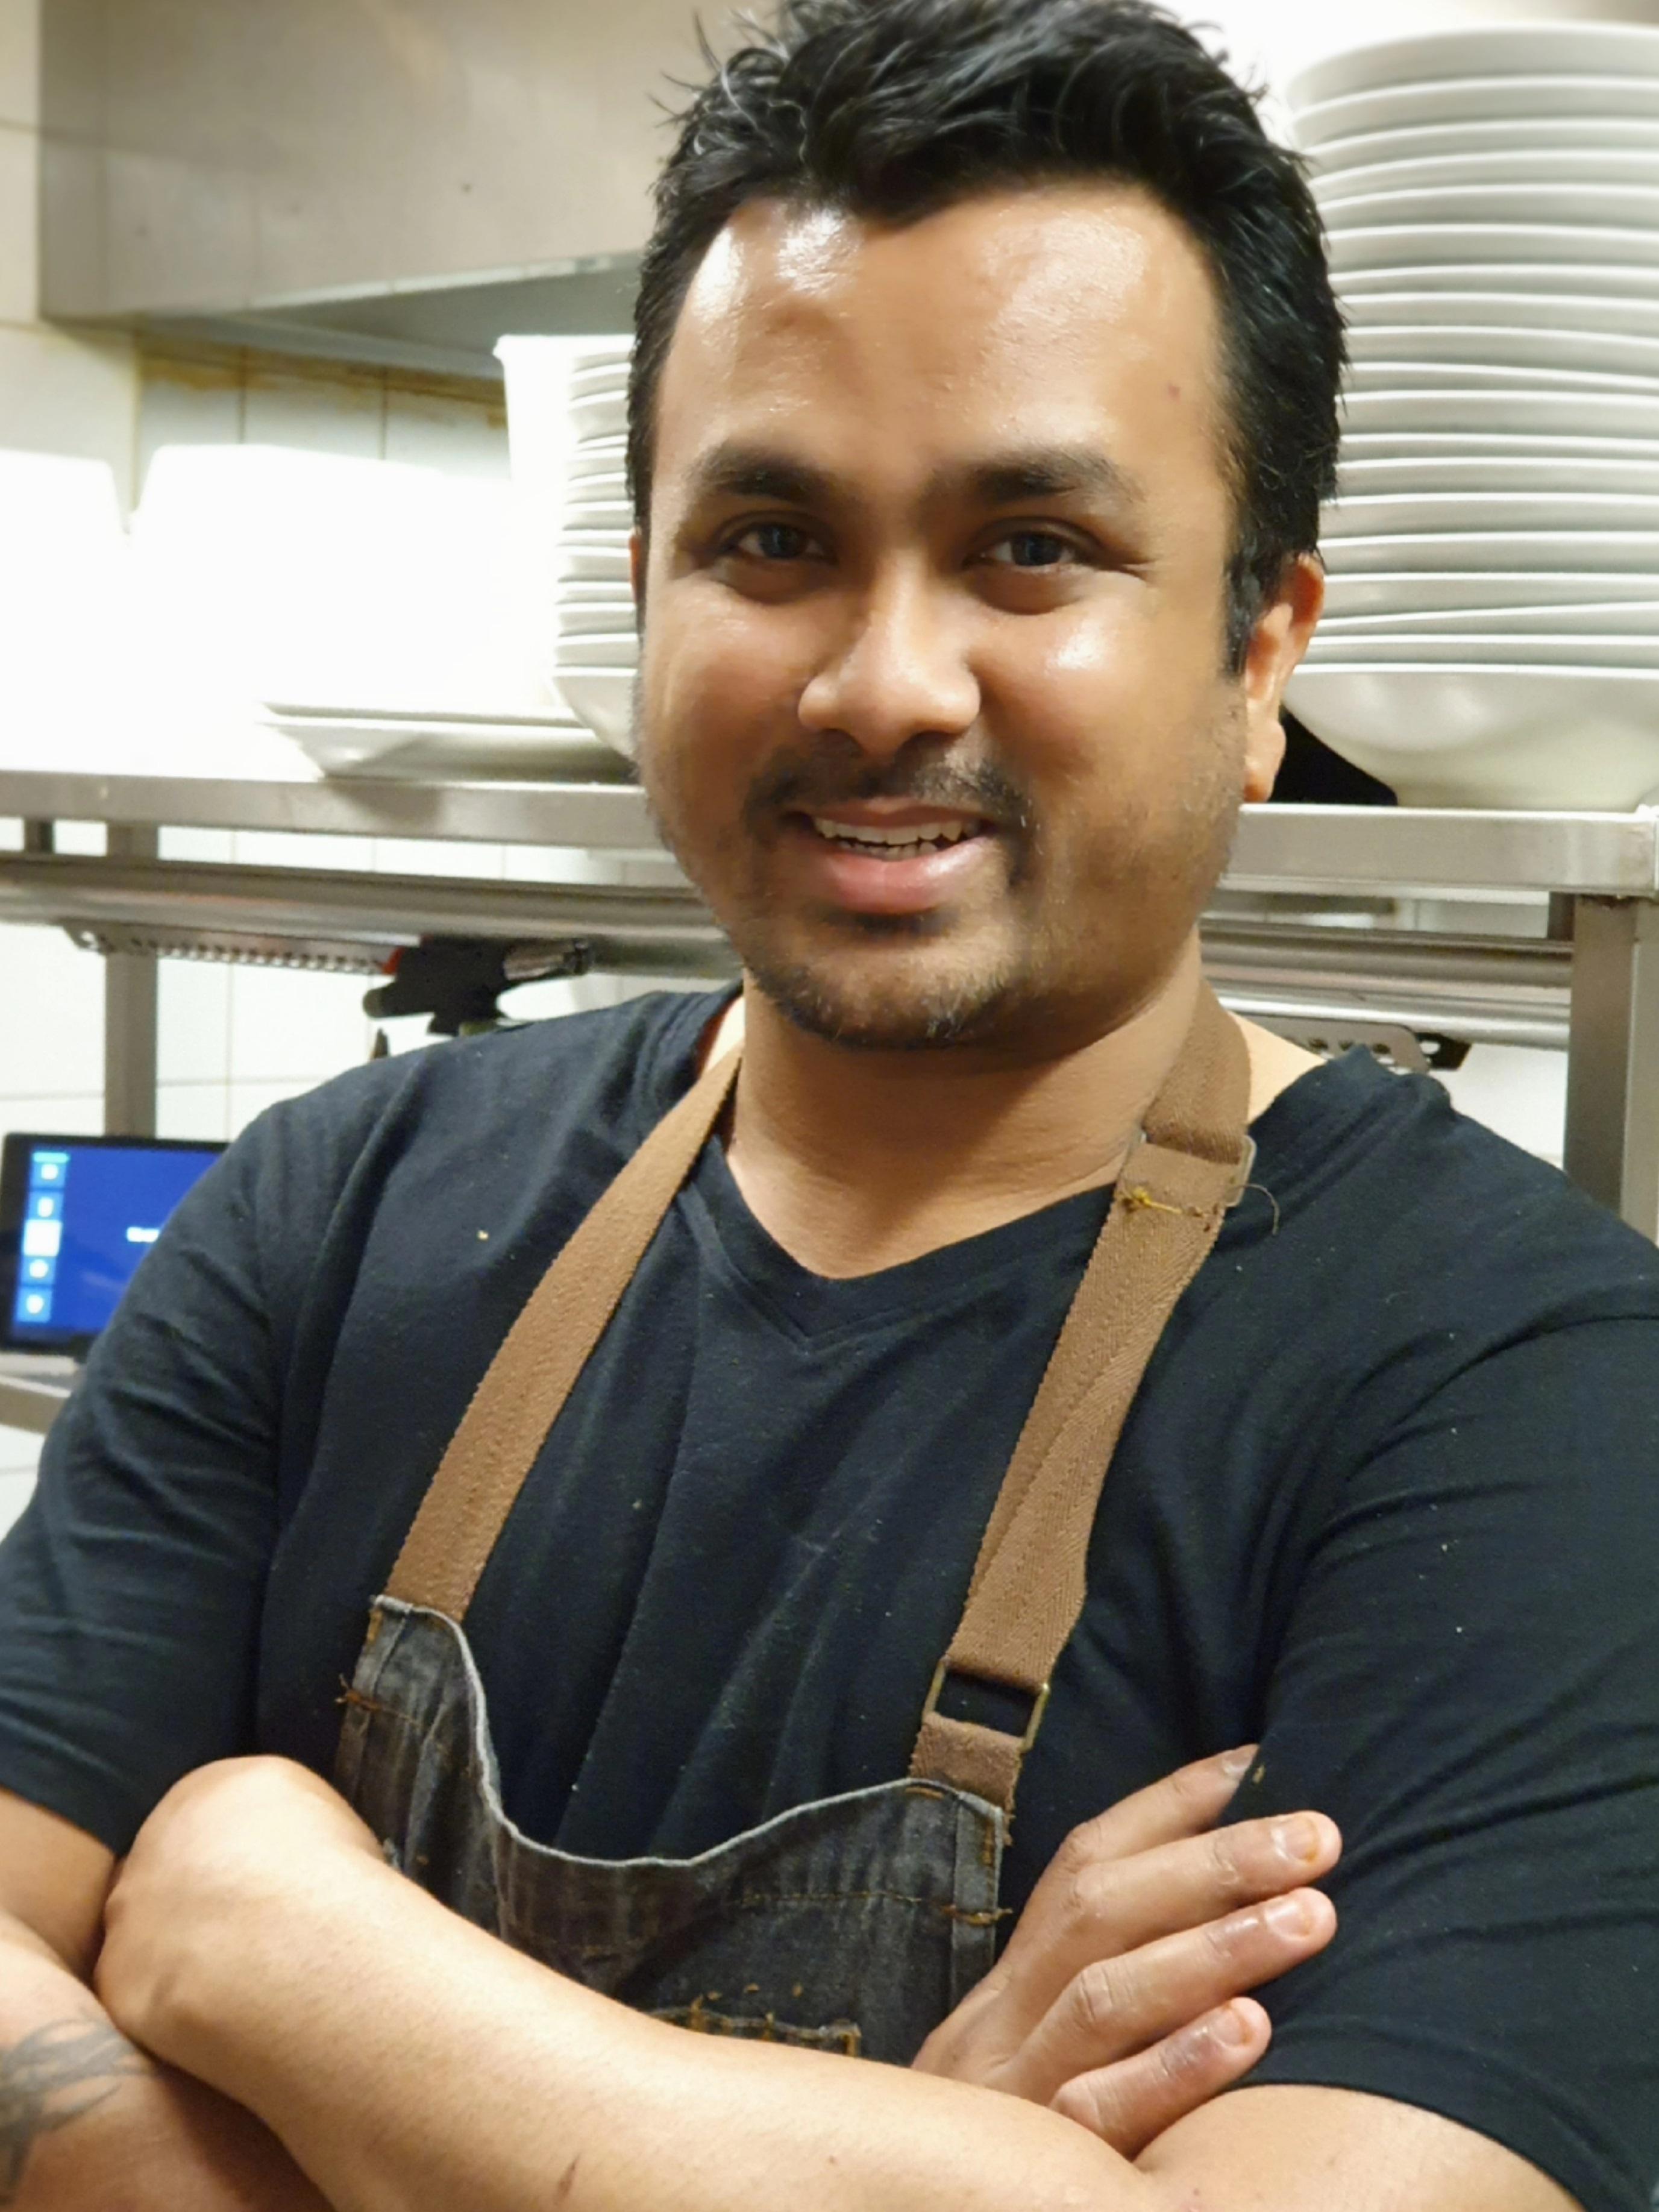 Sr. Chef - Ajay Mishra Photo - Australia-Asia Paci